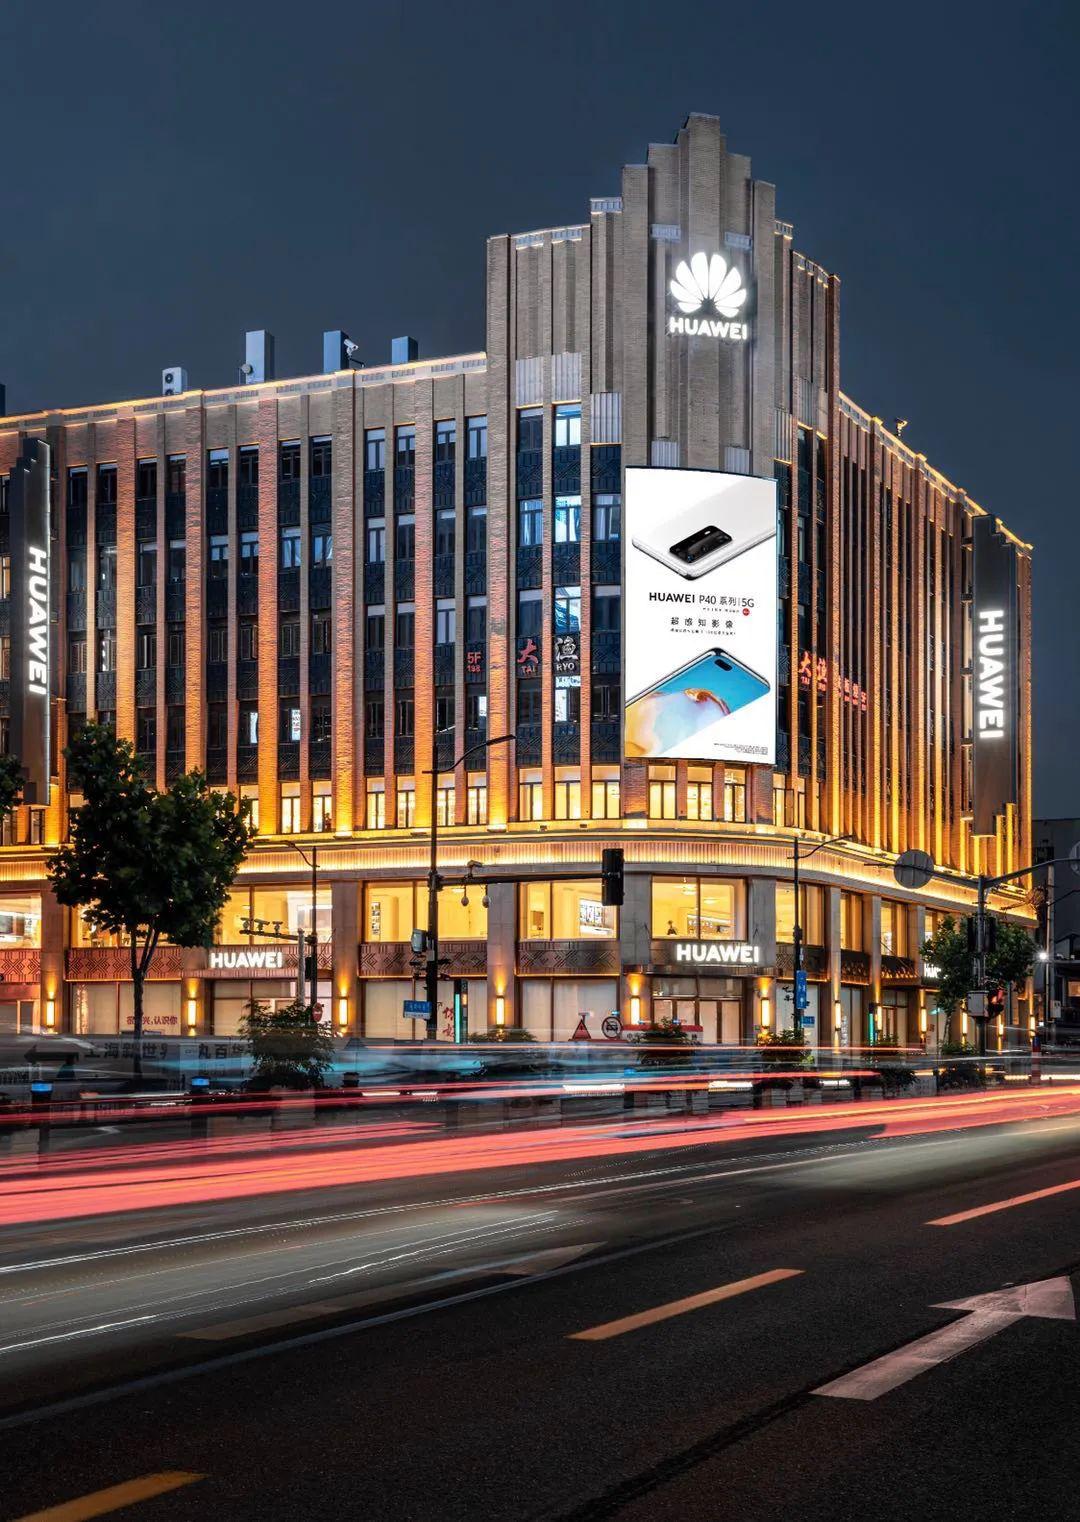 华为全球最大旗舰店在上海开业